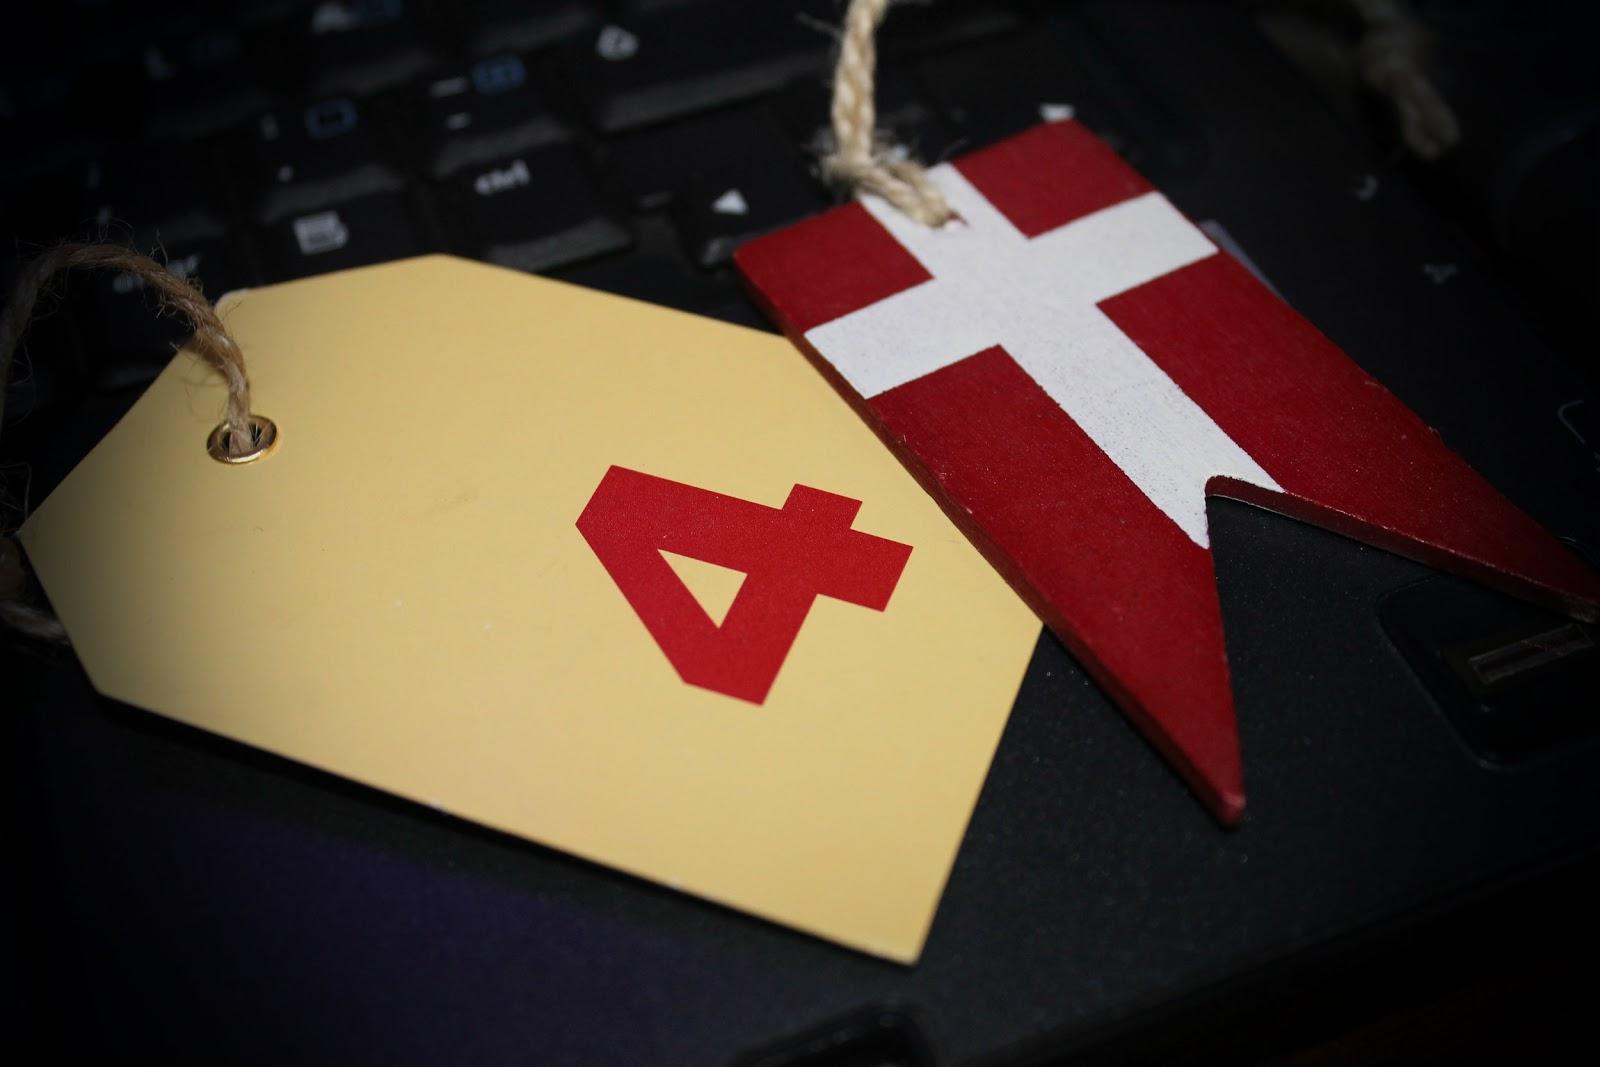 Ungt Par Prøver Analsex Af Hjemme I Stuen - Nudie